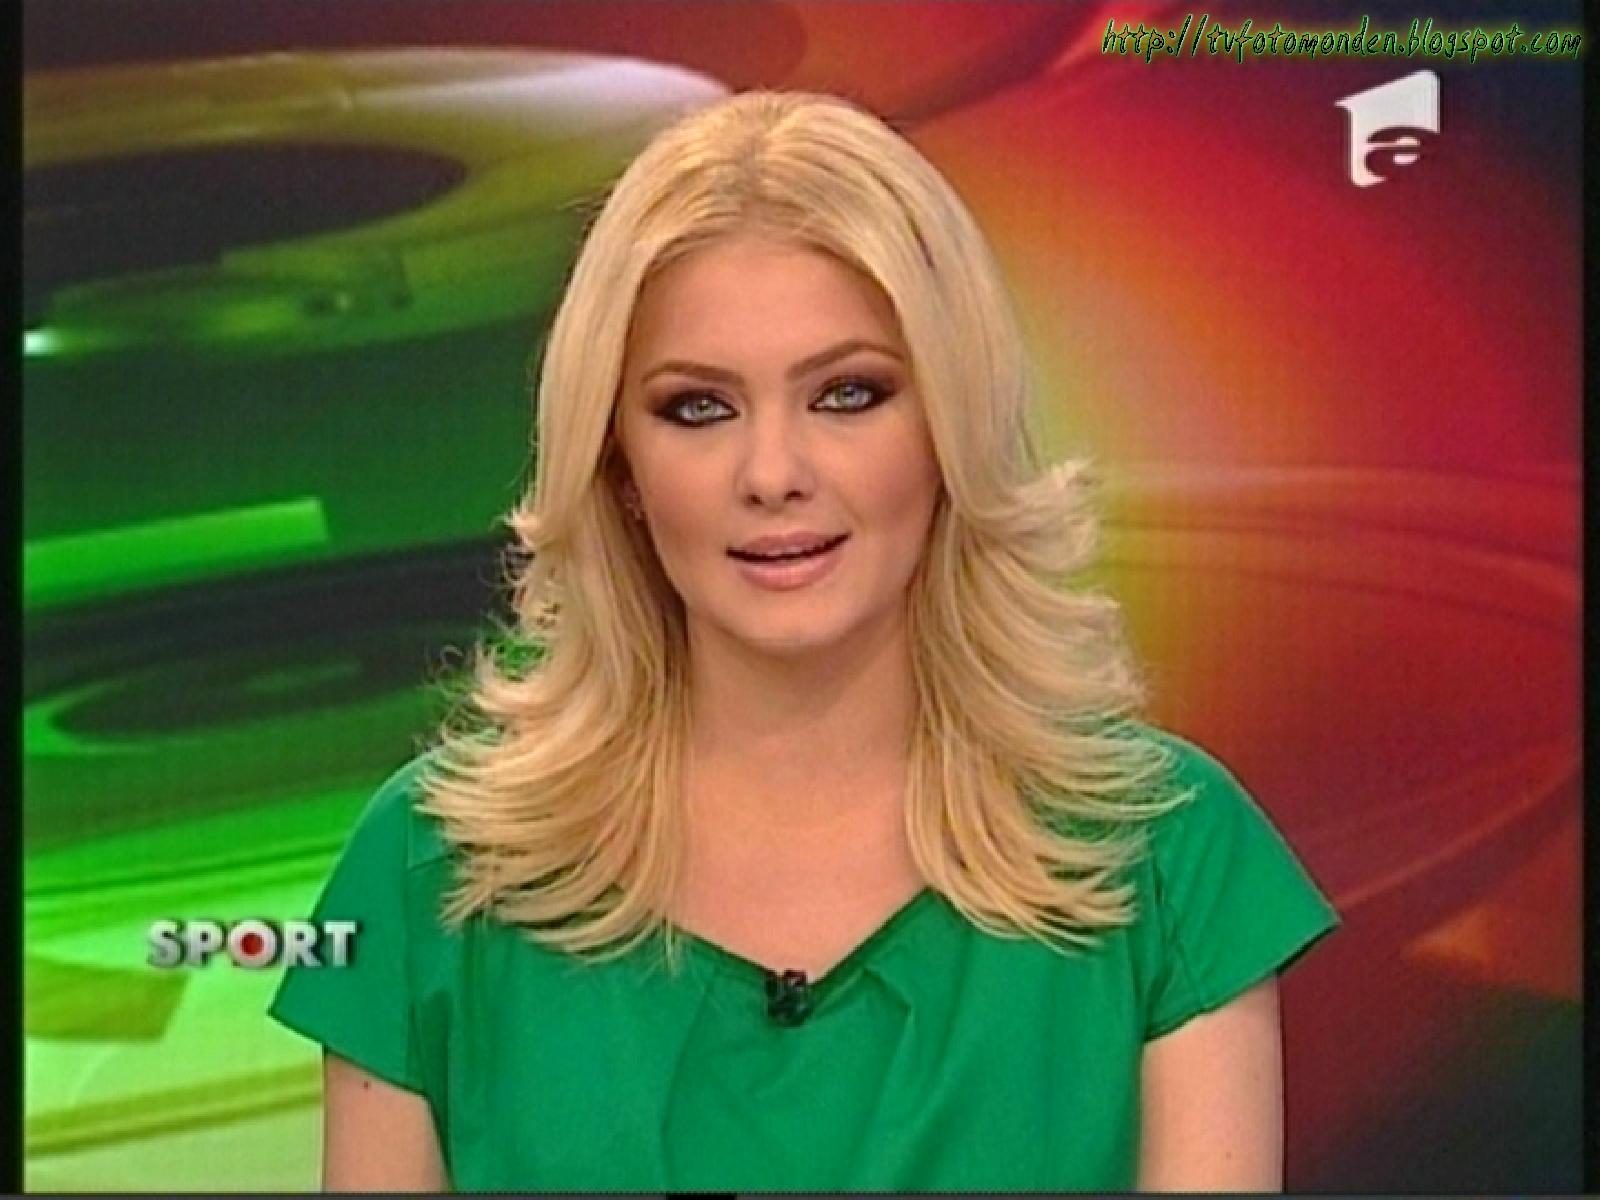 Antena 1 williamhill freien slot-spiele williamhill wm 2014 a lansat 100 einzahlungsbonus williamhill noua grilă de toamnă sub o ploaie de artificii